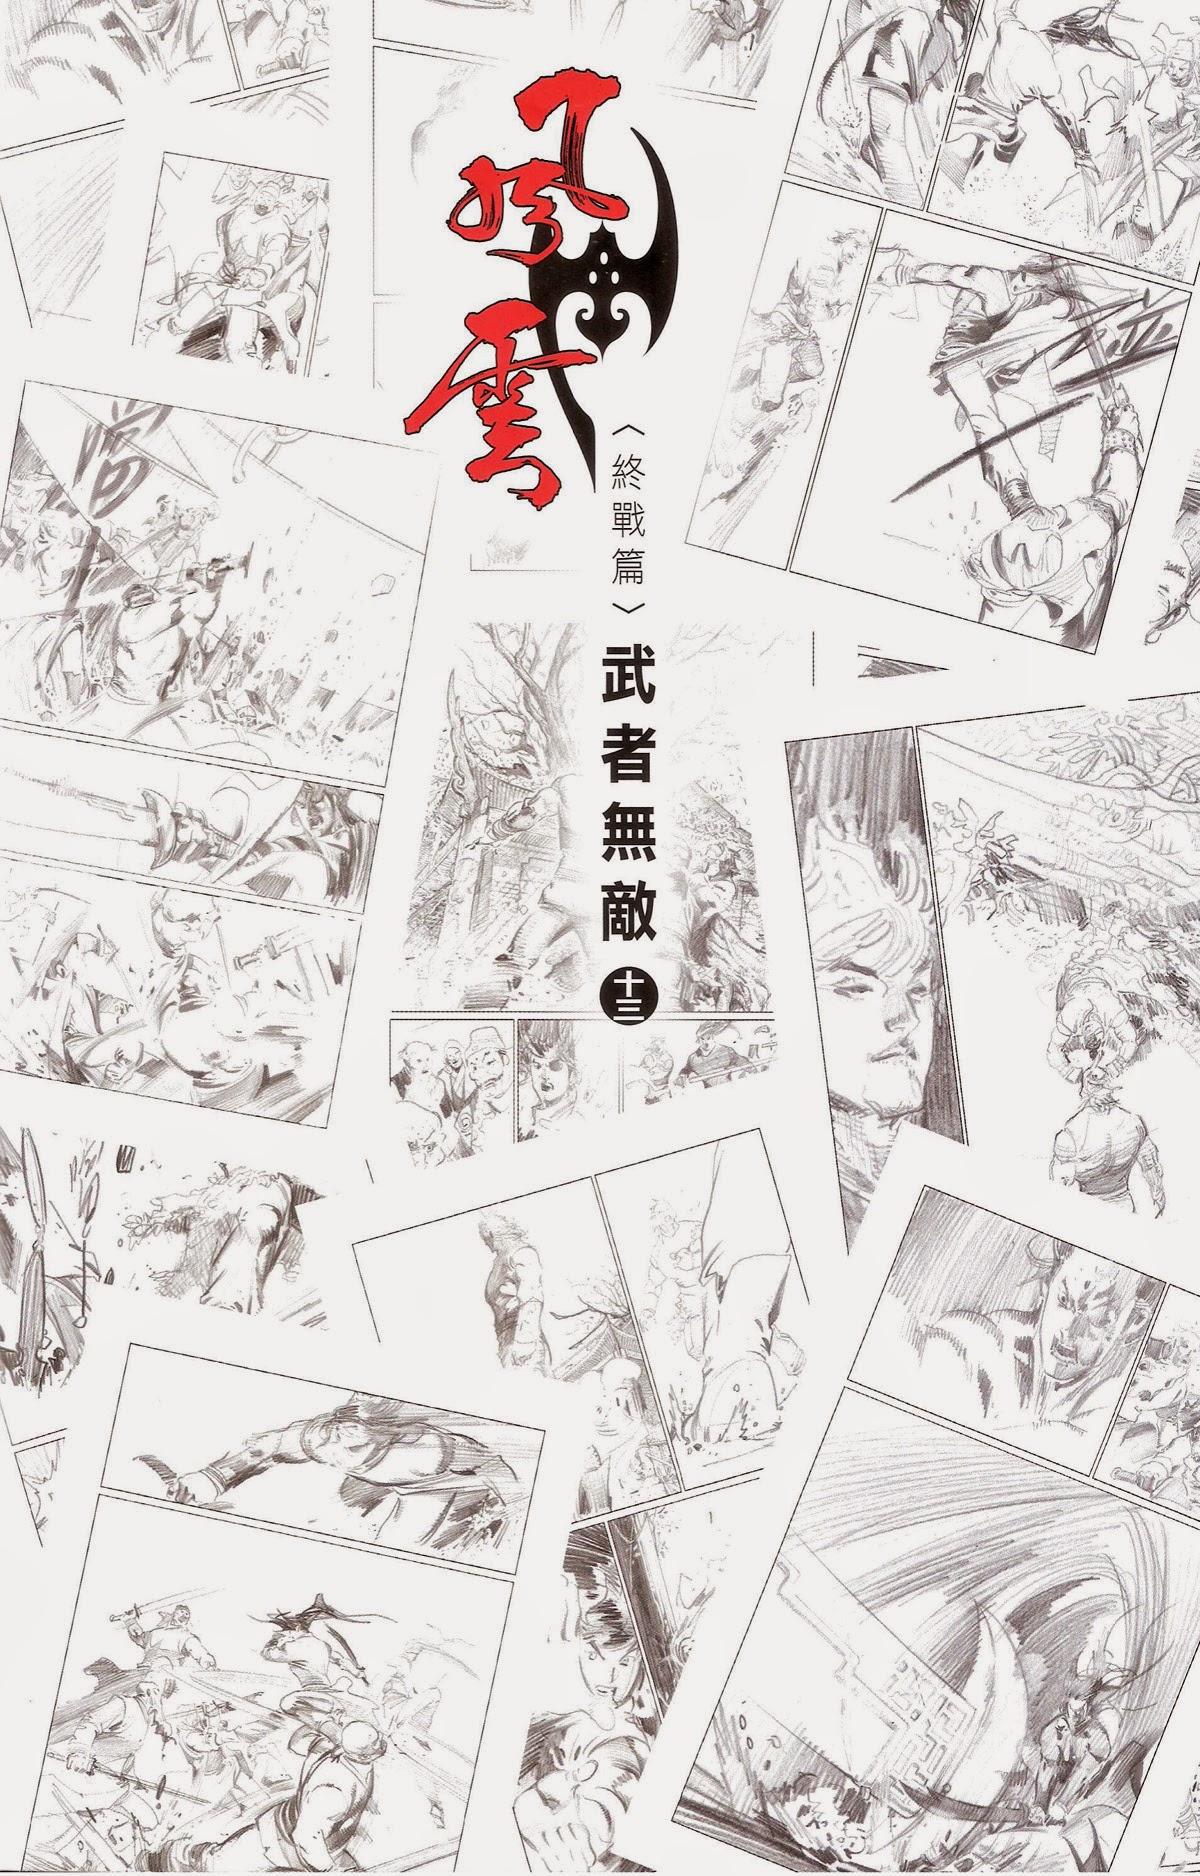 Phong Vân chap 675 - Trang 77